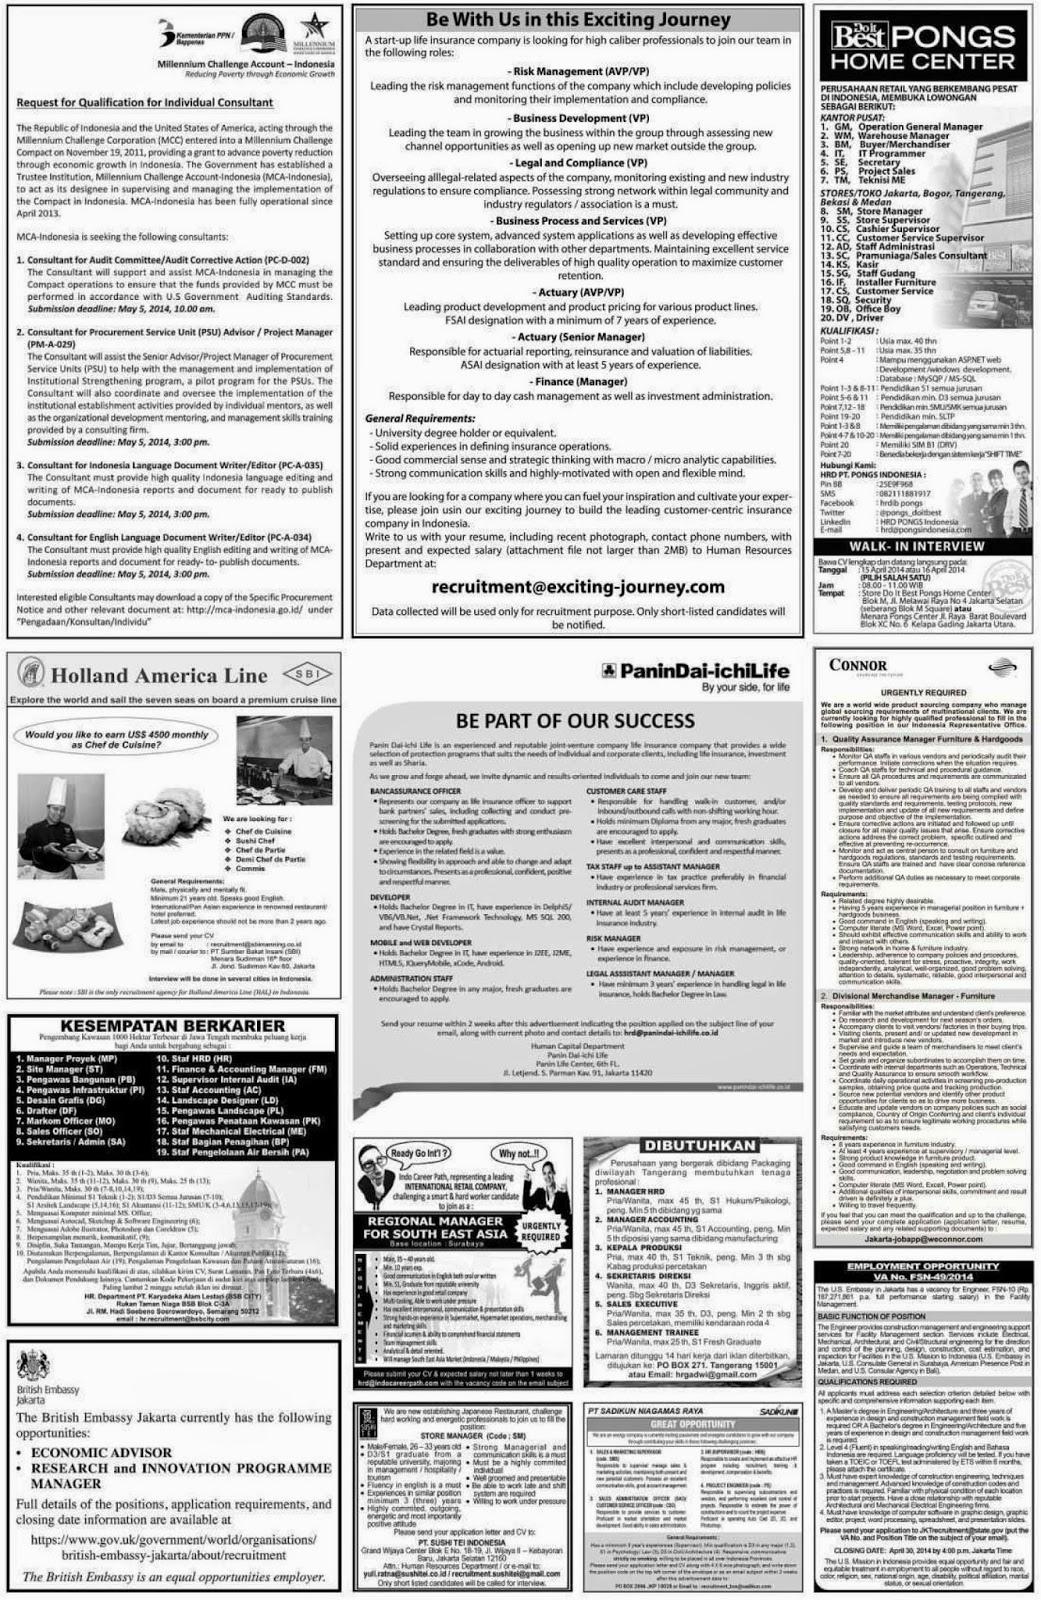 Lowongan Kerja Operator Di Batam Lowongan Kerja Batam Lowongan Kerja Koran Kompas Sabtu 12 April 2014